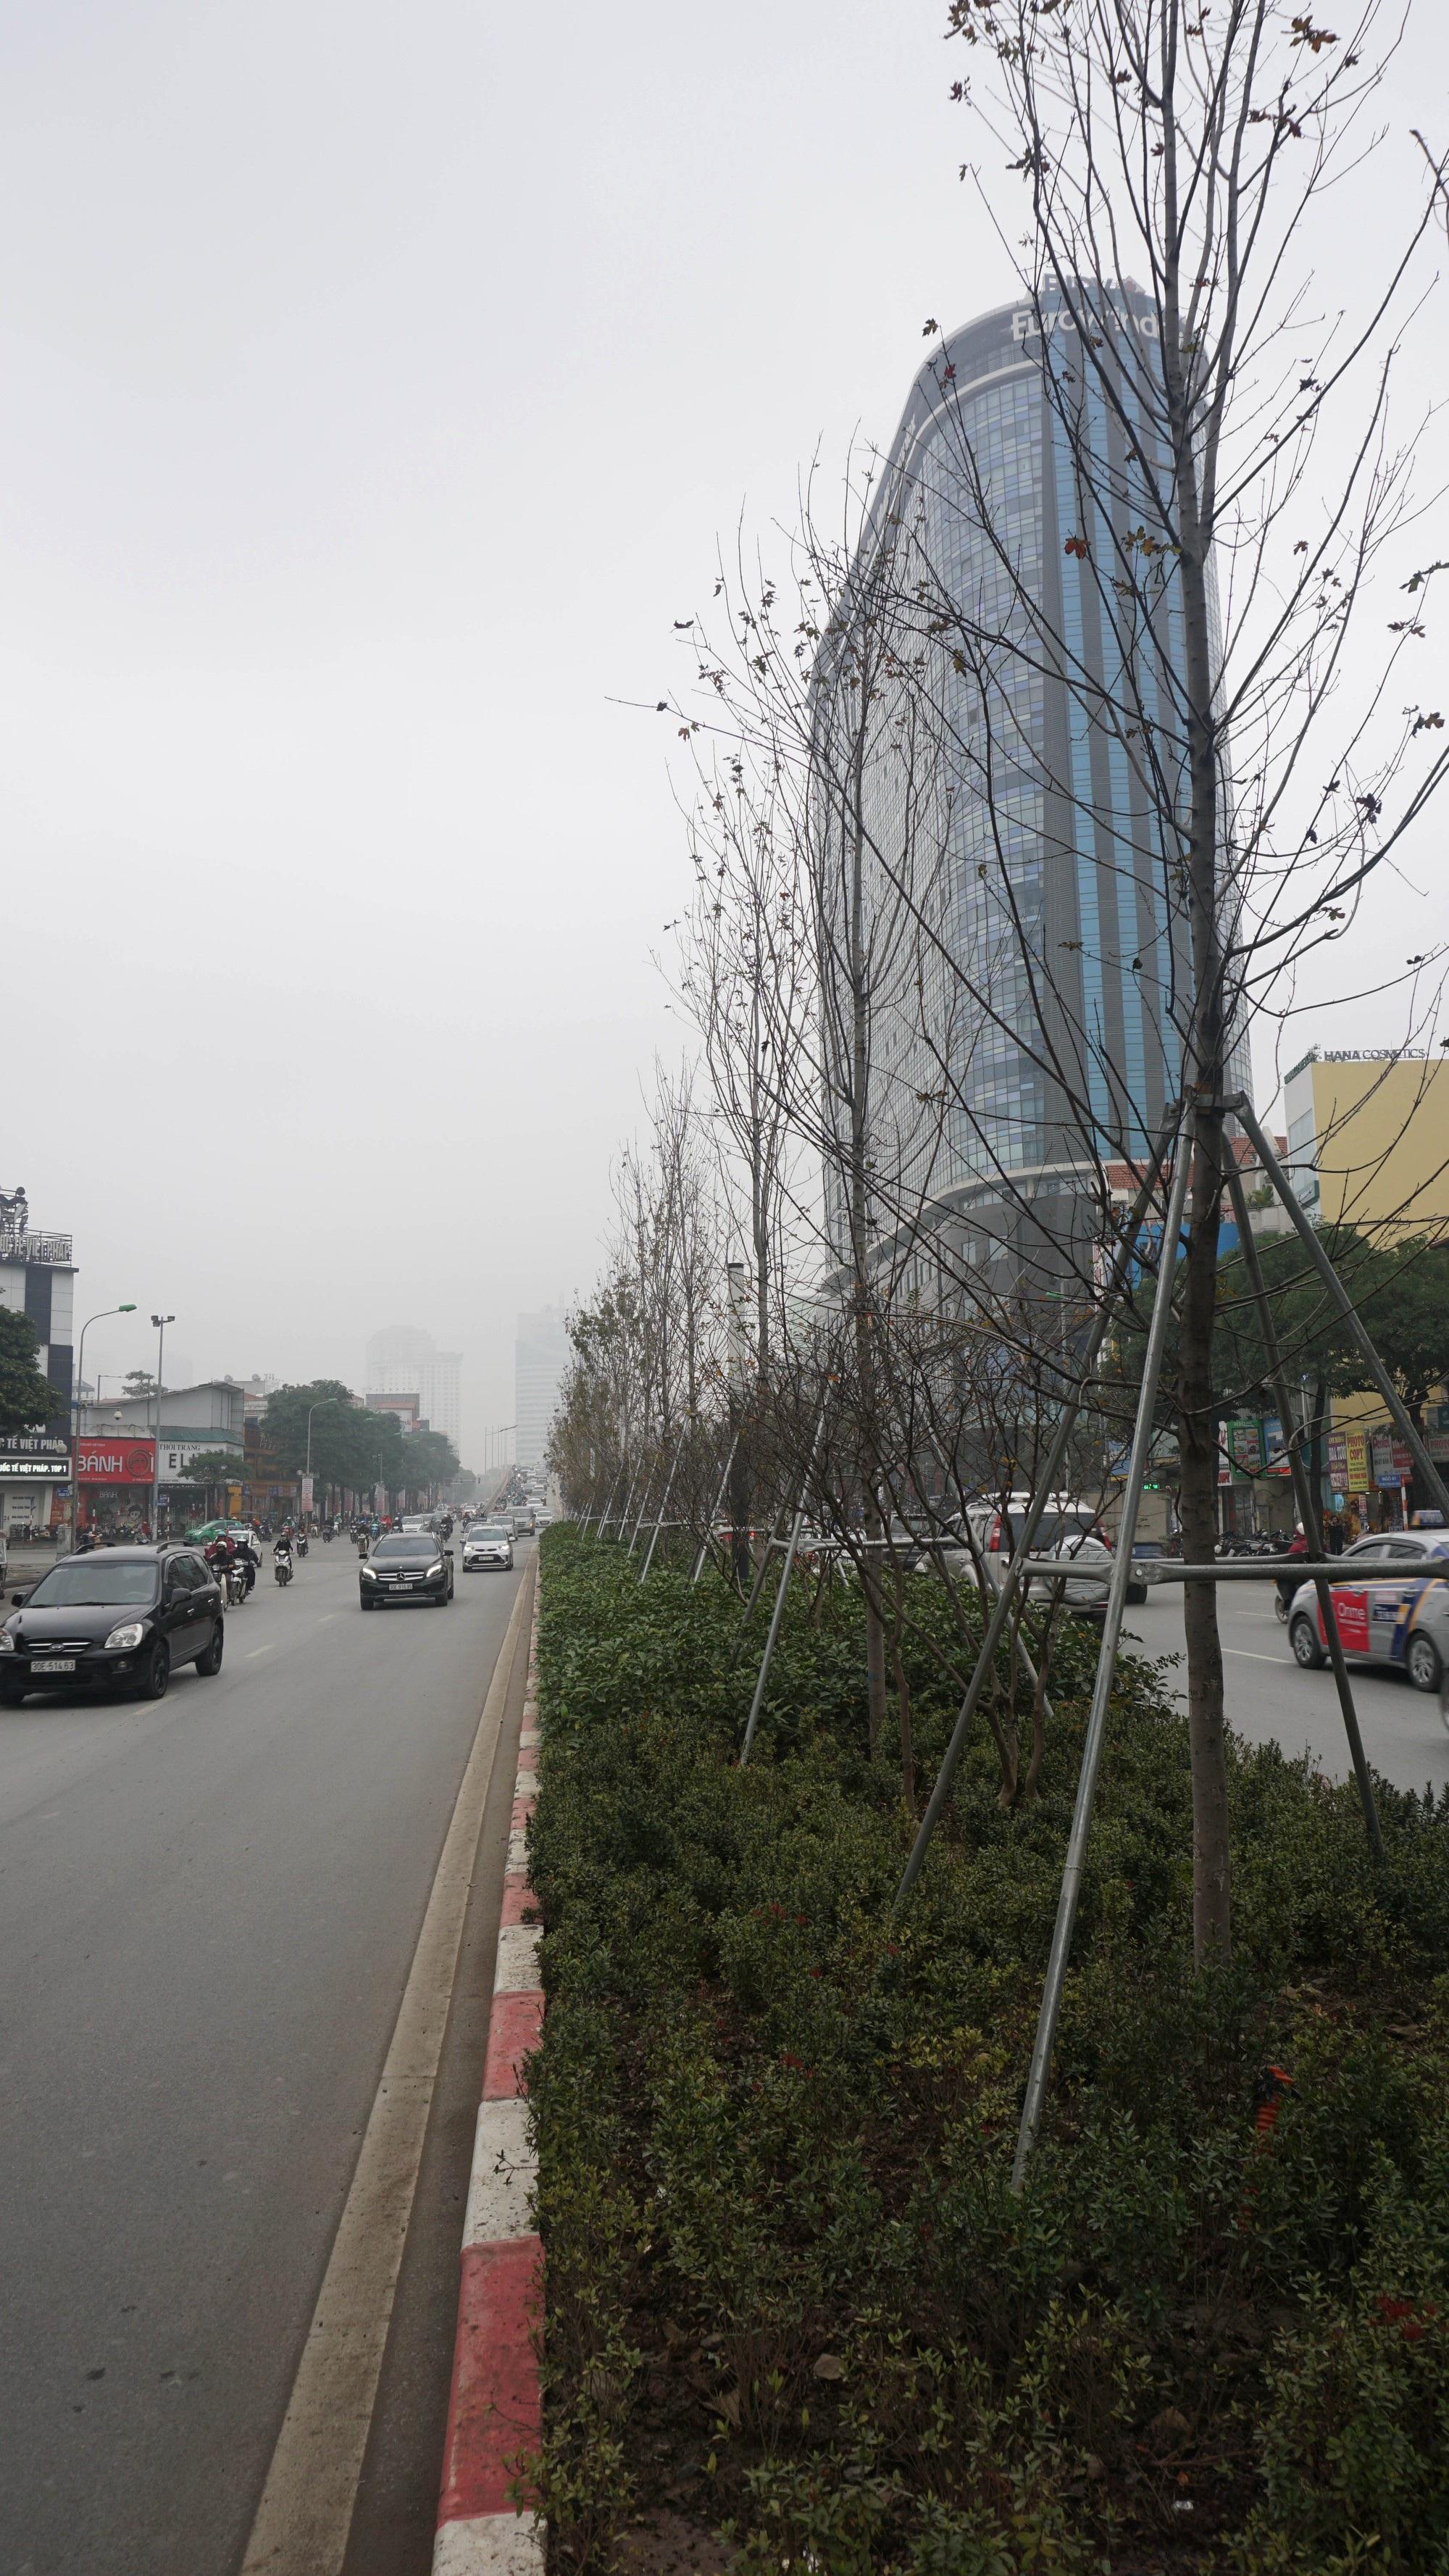 Phong lá đỏ ở Hà Nội chưa kịp đỏ đã ngả... màu đen - Ảnh 3.